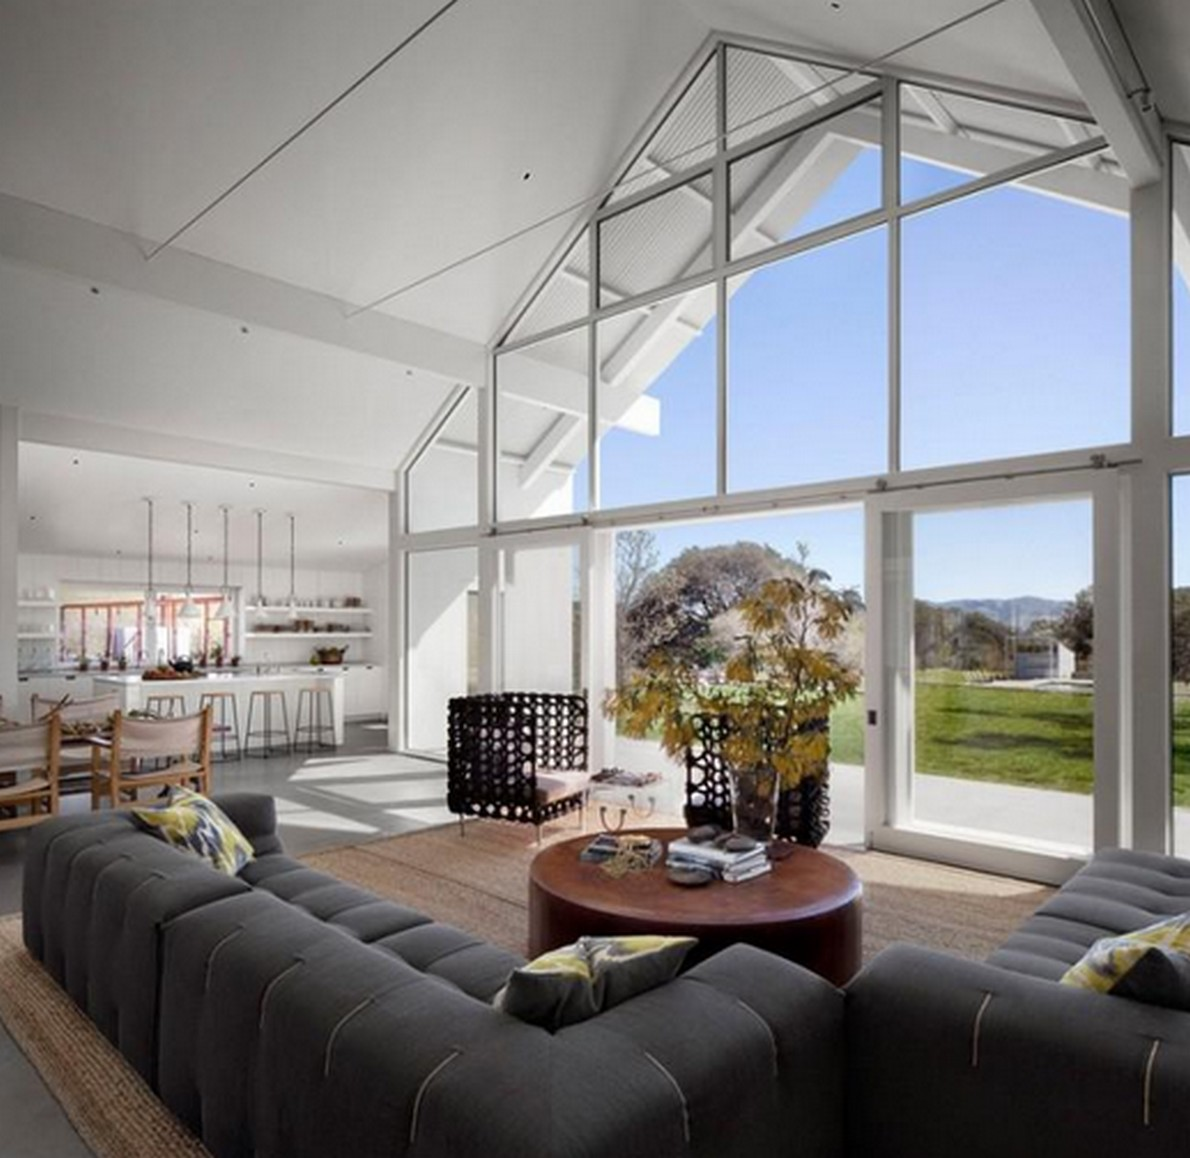 L incredibile trasformazione di un fienile in una casa - Casa autosufficiente ecologica ...